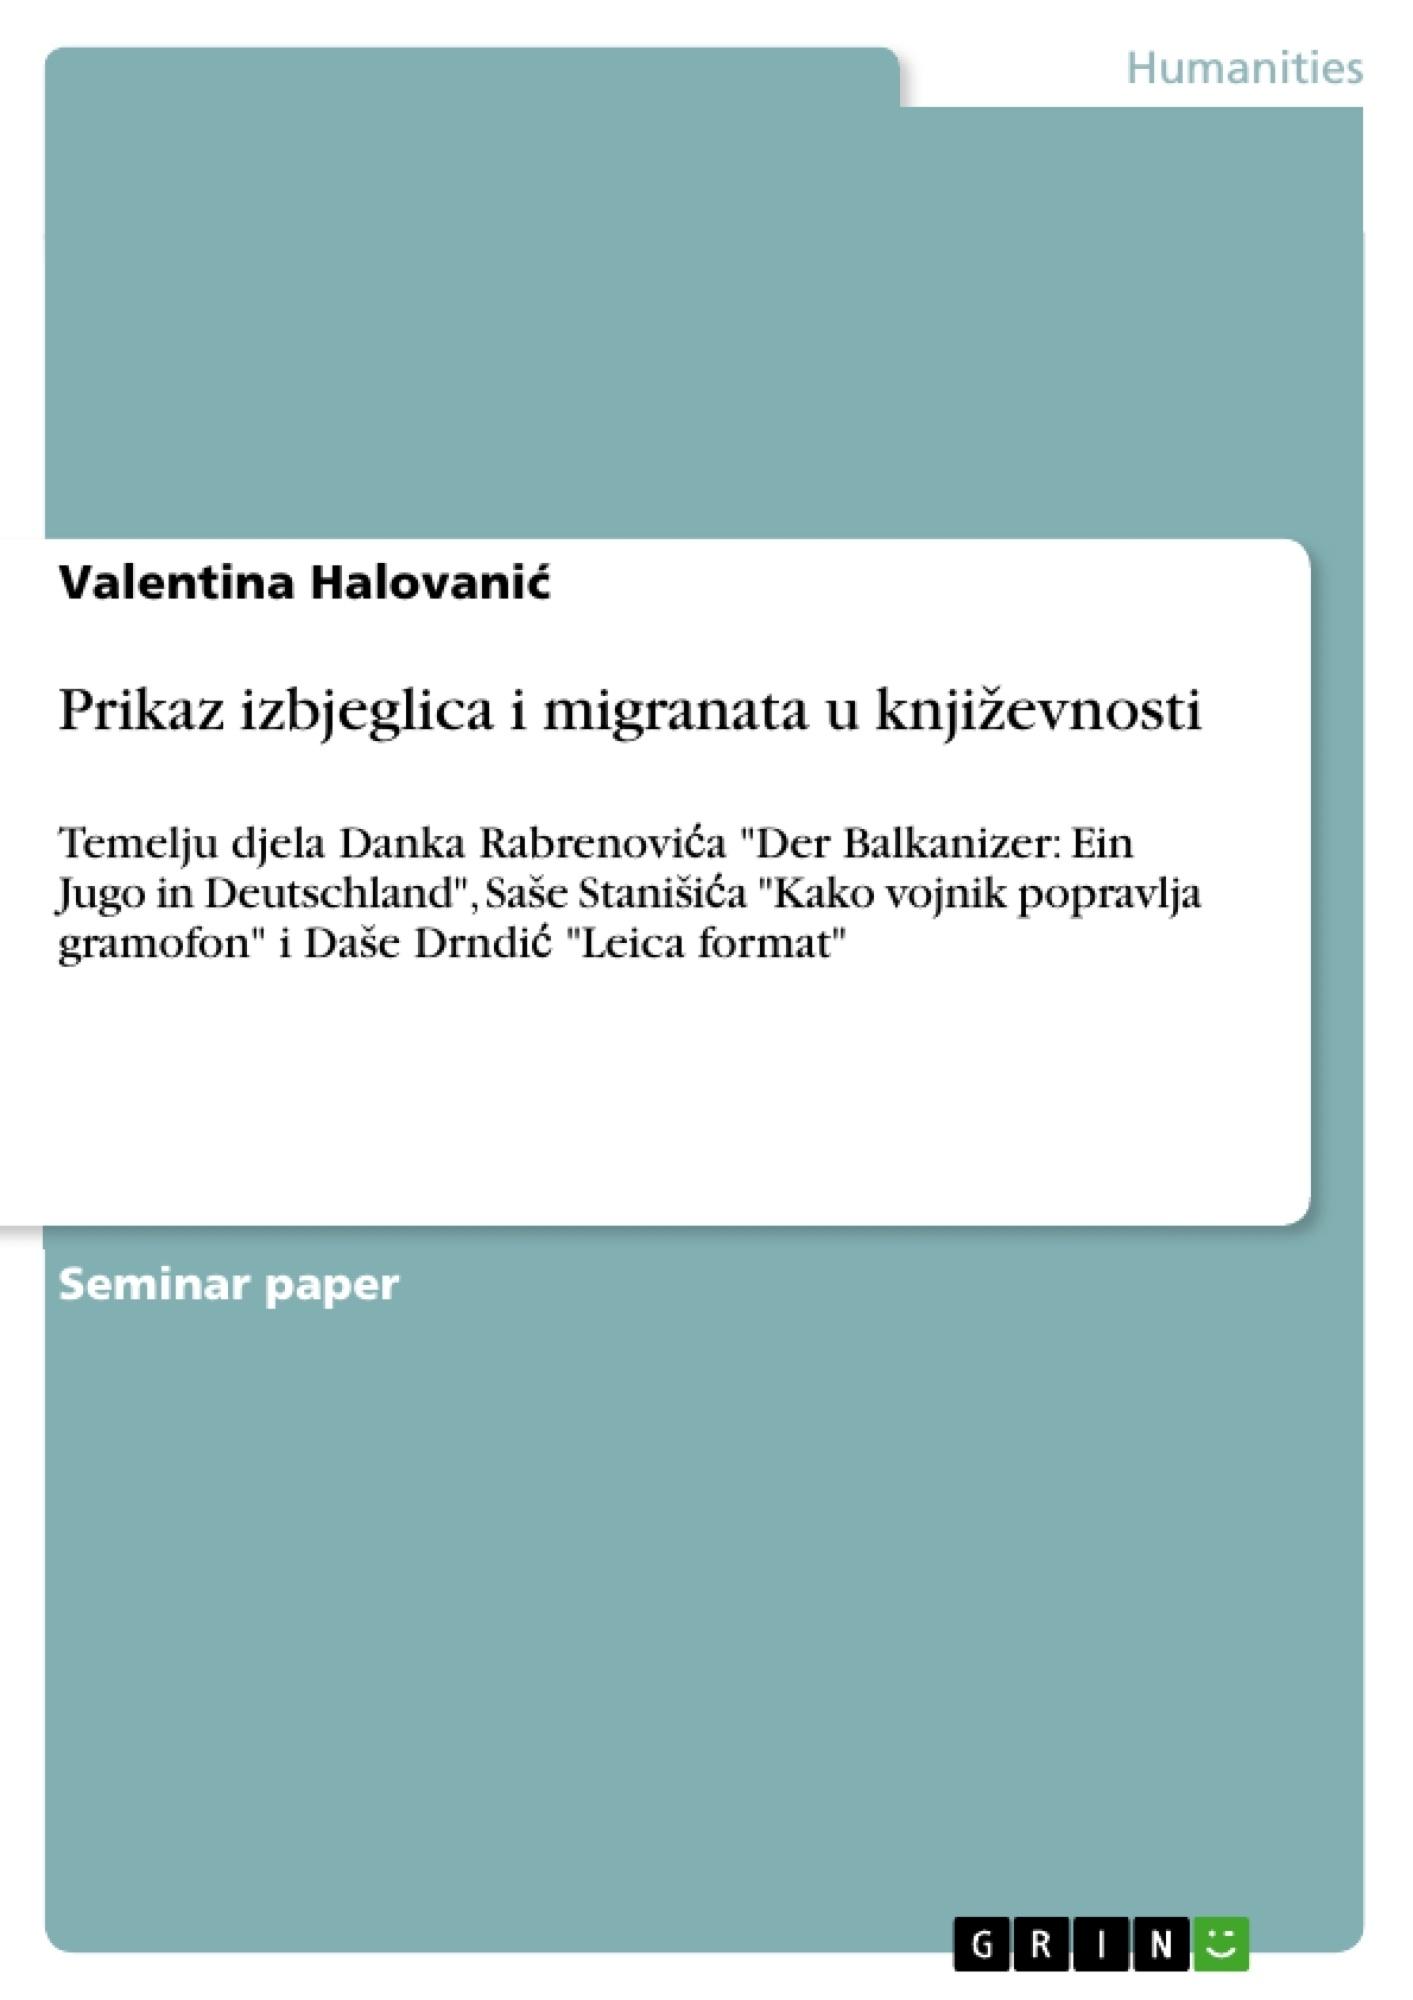 Title: Prikaz izbjeglica i migranata u književnosti